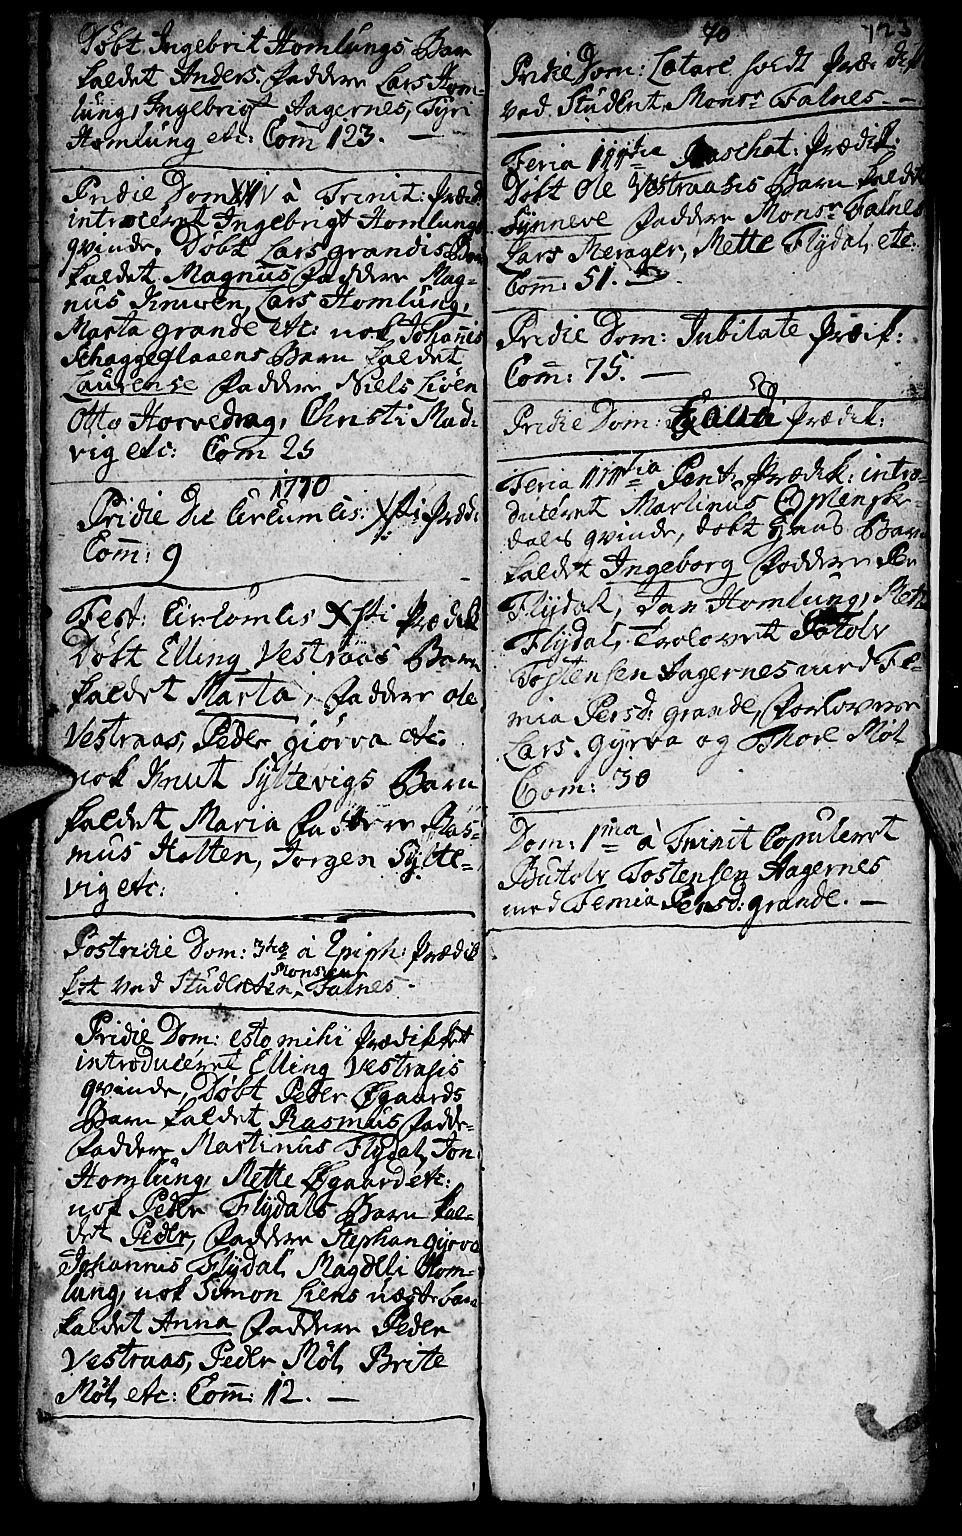 SAT, Ministerialprotokoller, klokkerbøker og fødselsregistre - Møre og Romsdal, 519/L0243: Ministerialbok nr. 519A02, 1760-1770, s. 123